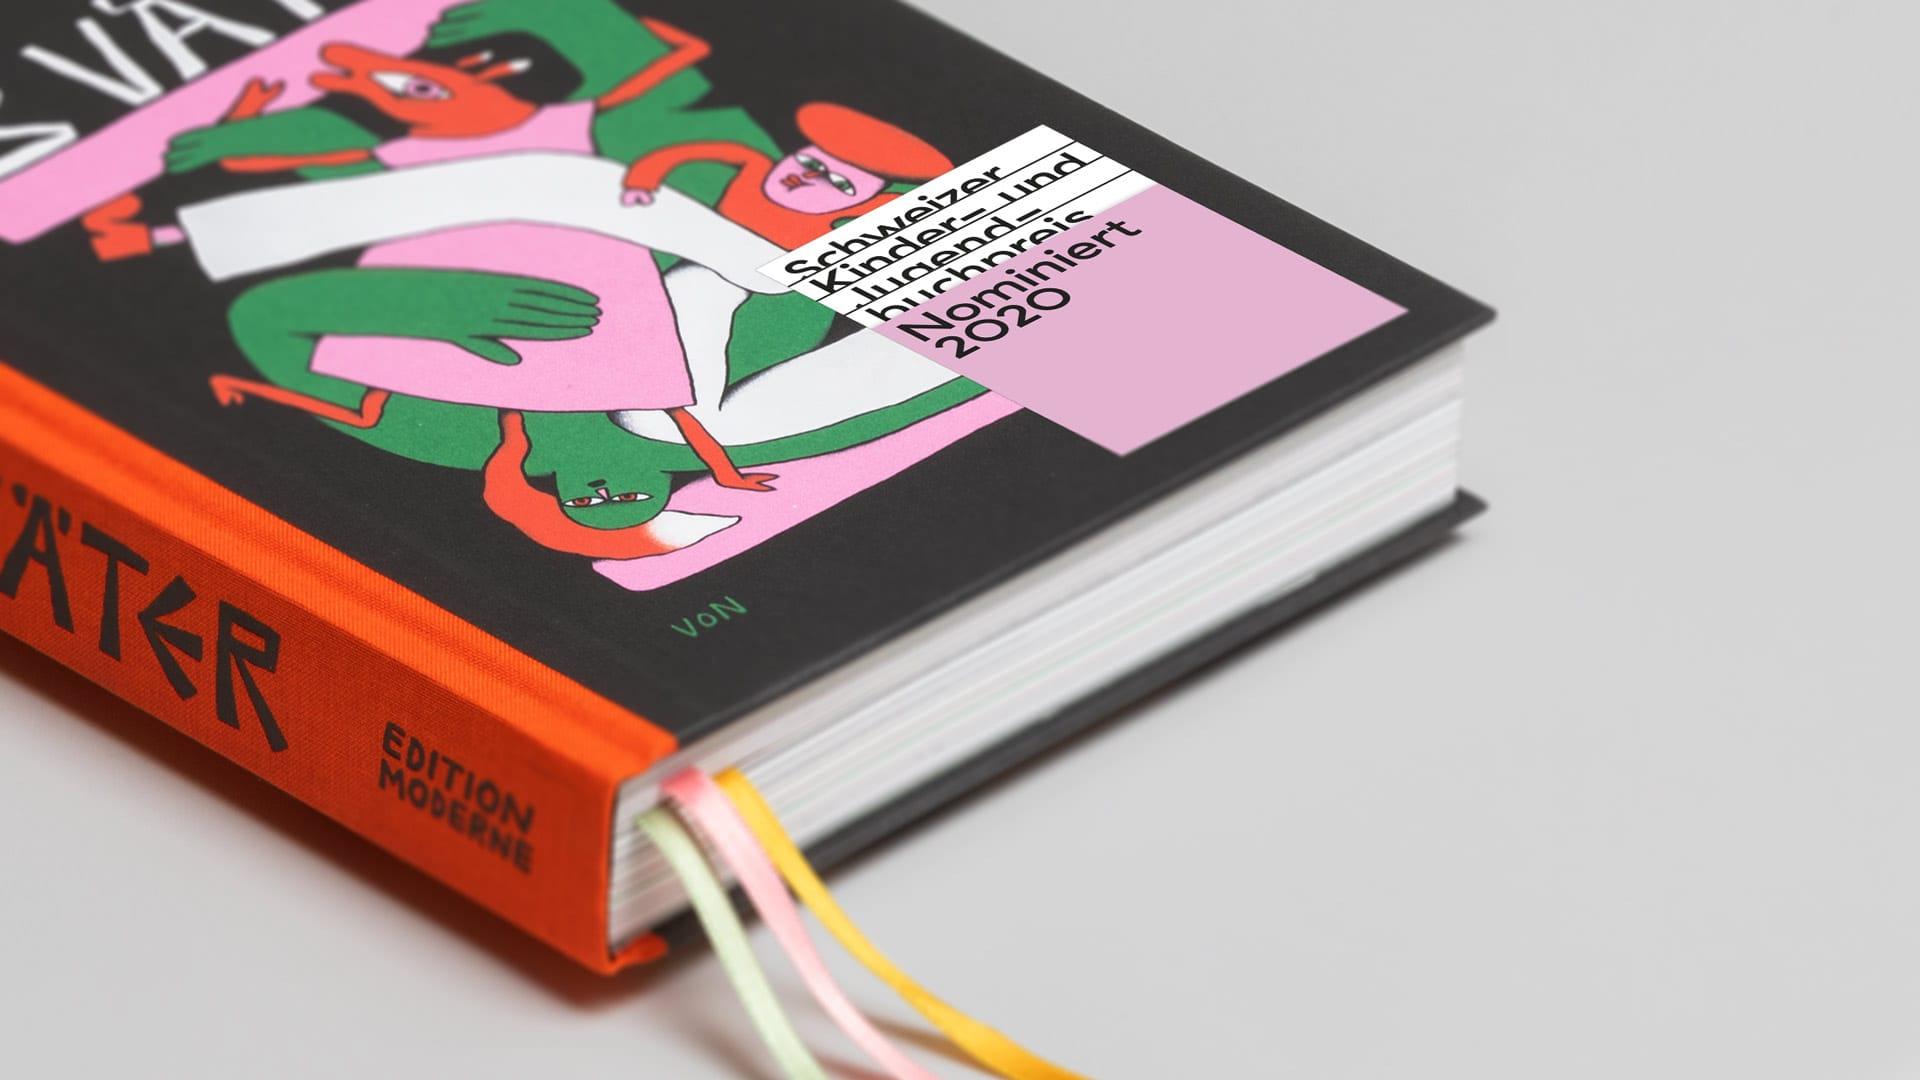 Schweizer Kinder und Jugendbuchpreis – l'équipe visuelle – Corporate Design